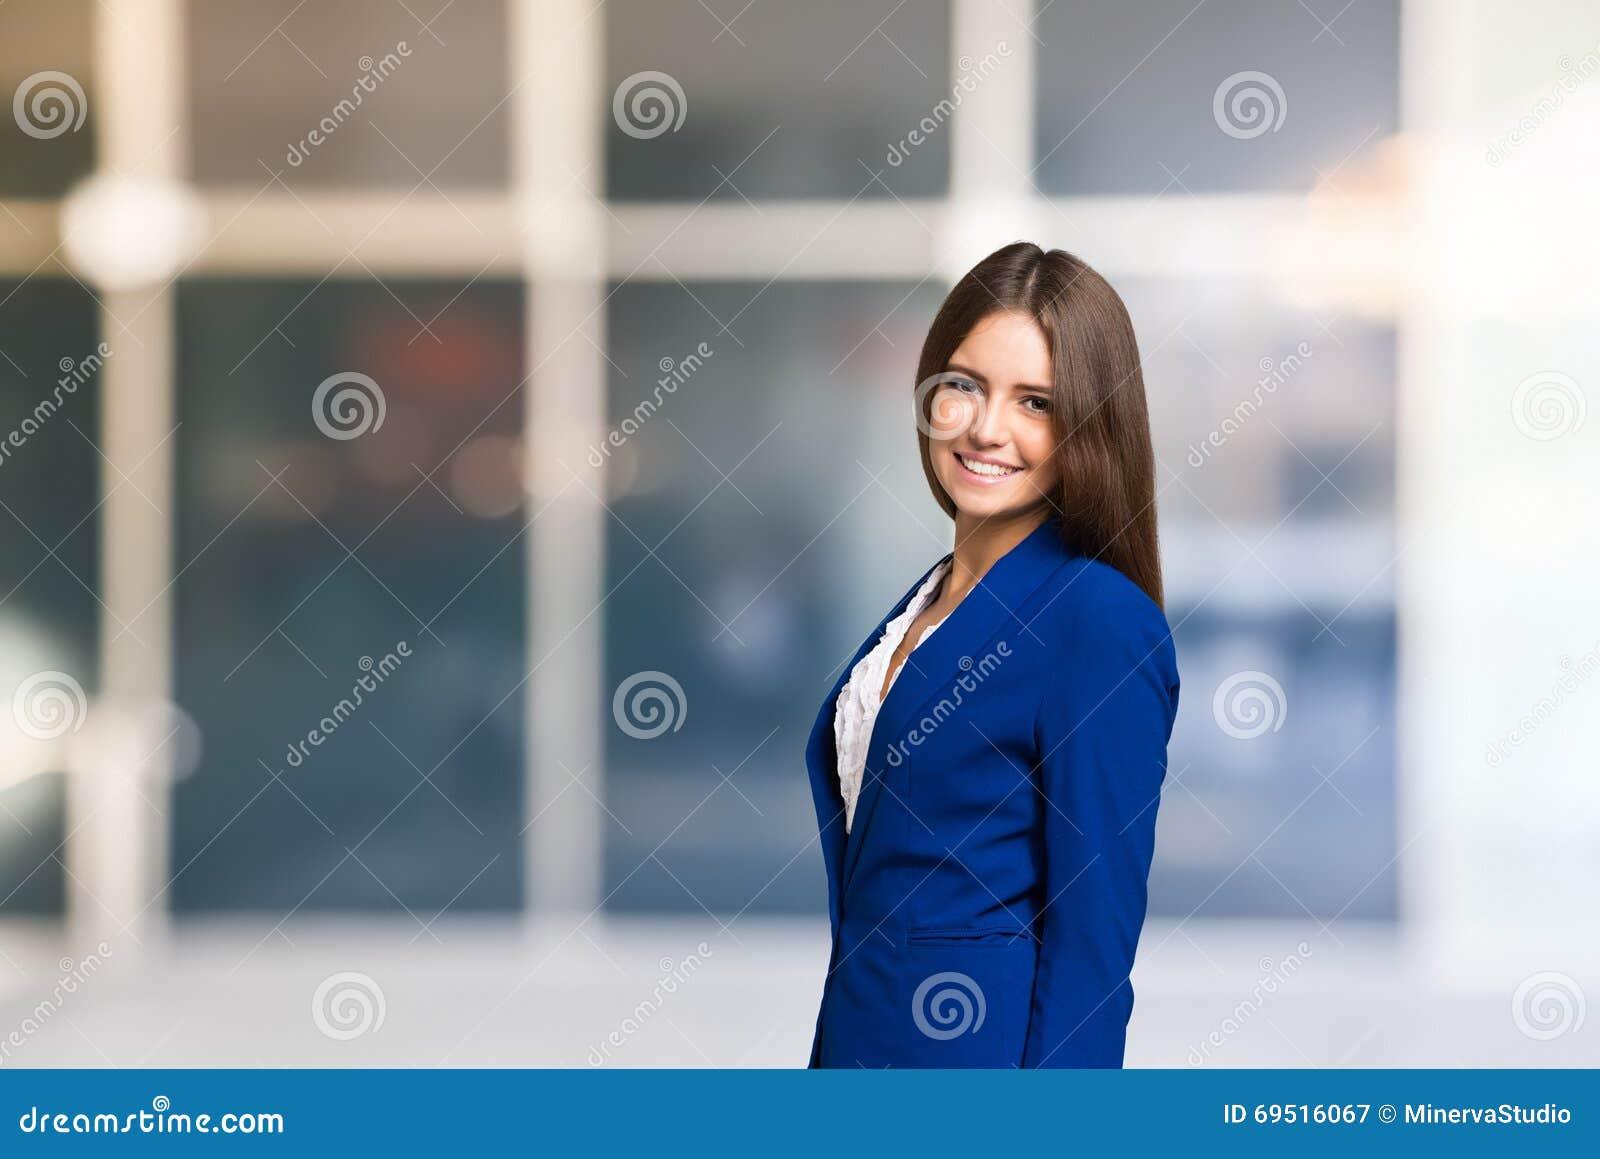 Lächelndes Frauenporträt, großer Kopieraum